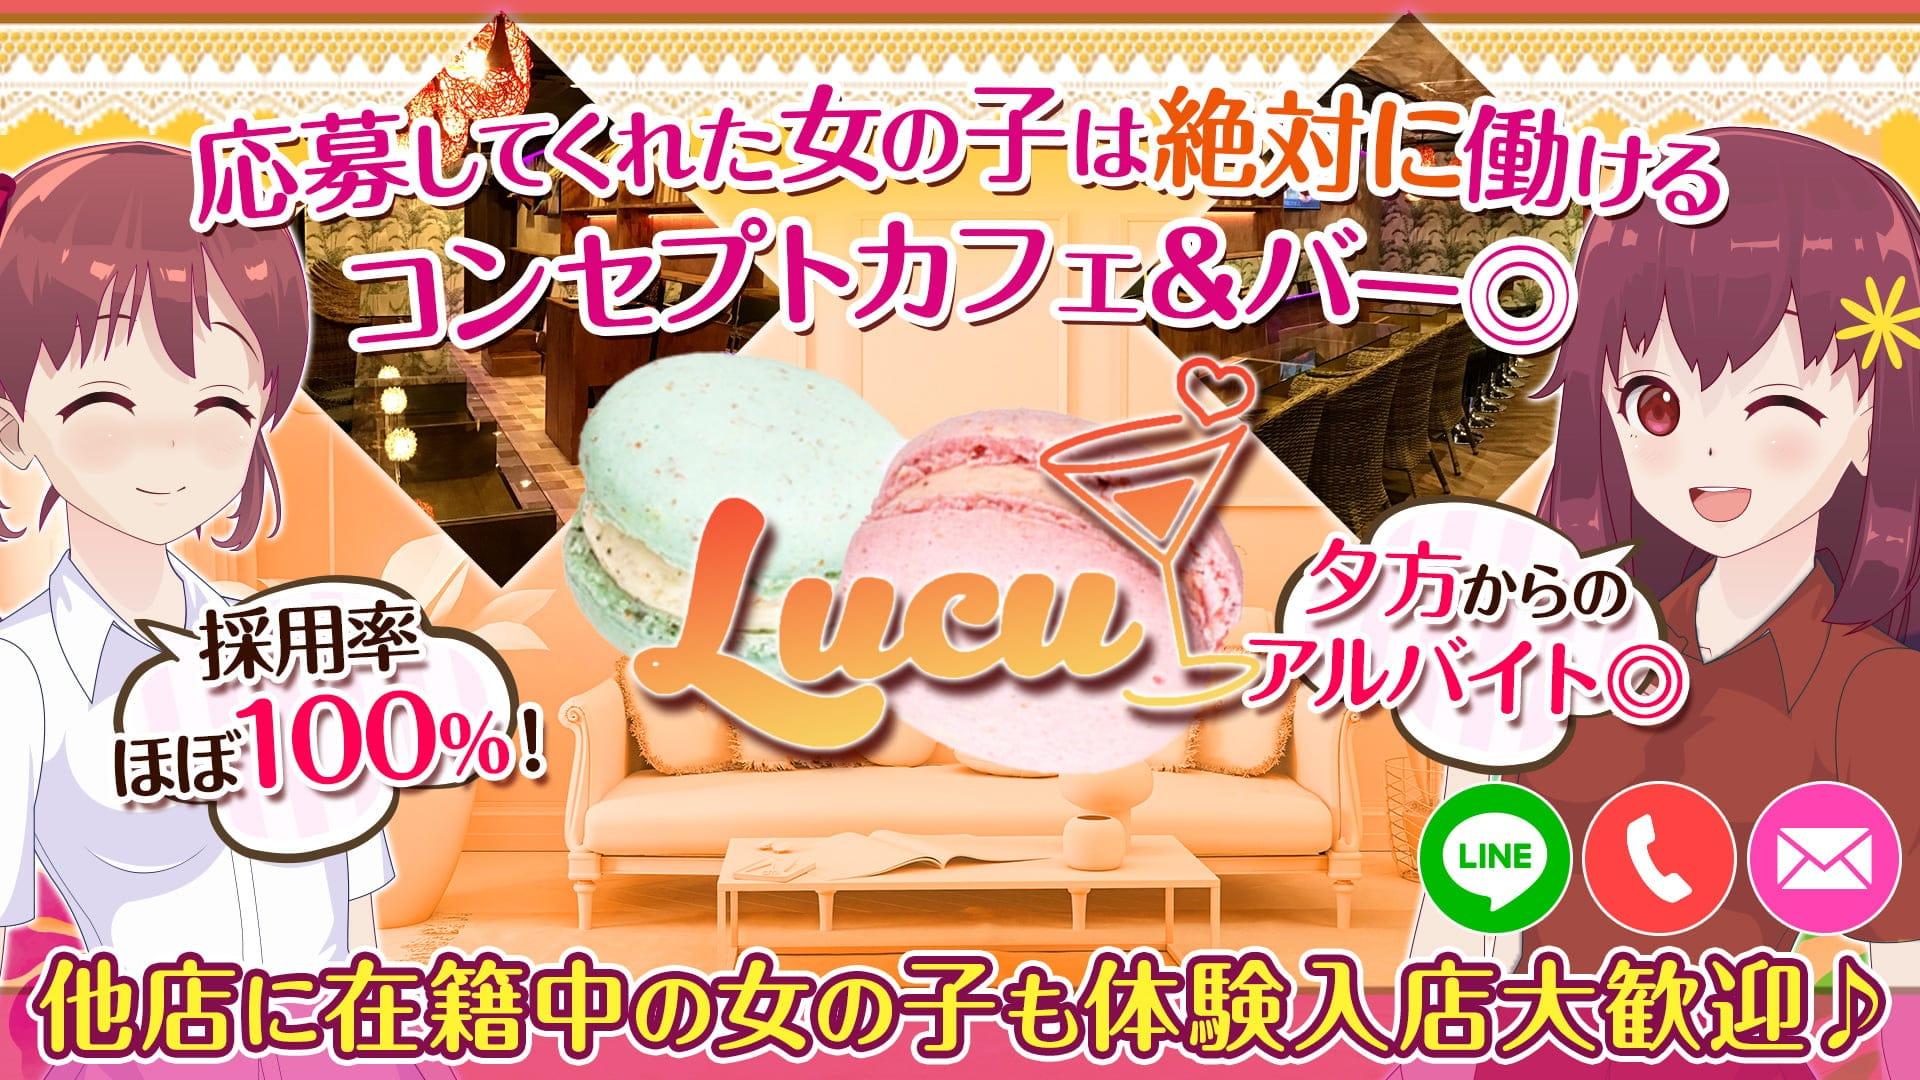 【戸越銀座】コンカフェ&バー Lucu(ルチュ)【公式求人・体入情報】 五反田ガールズバー TOP画像